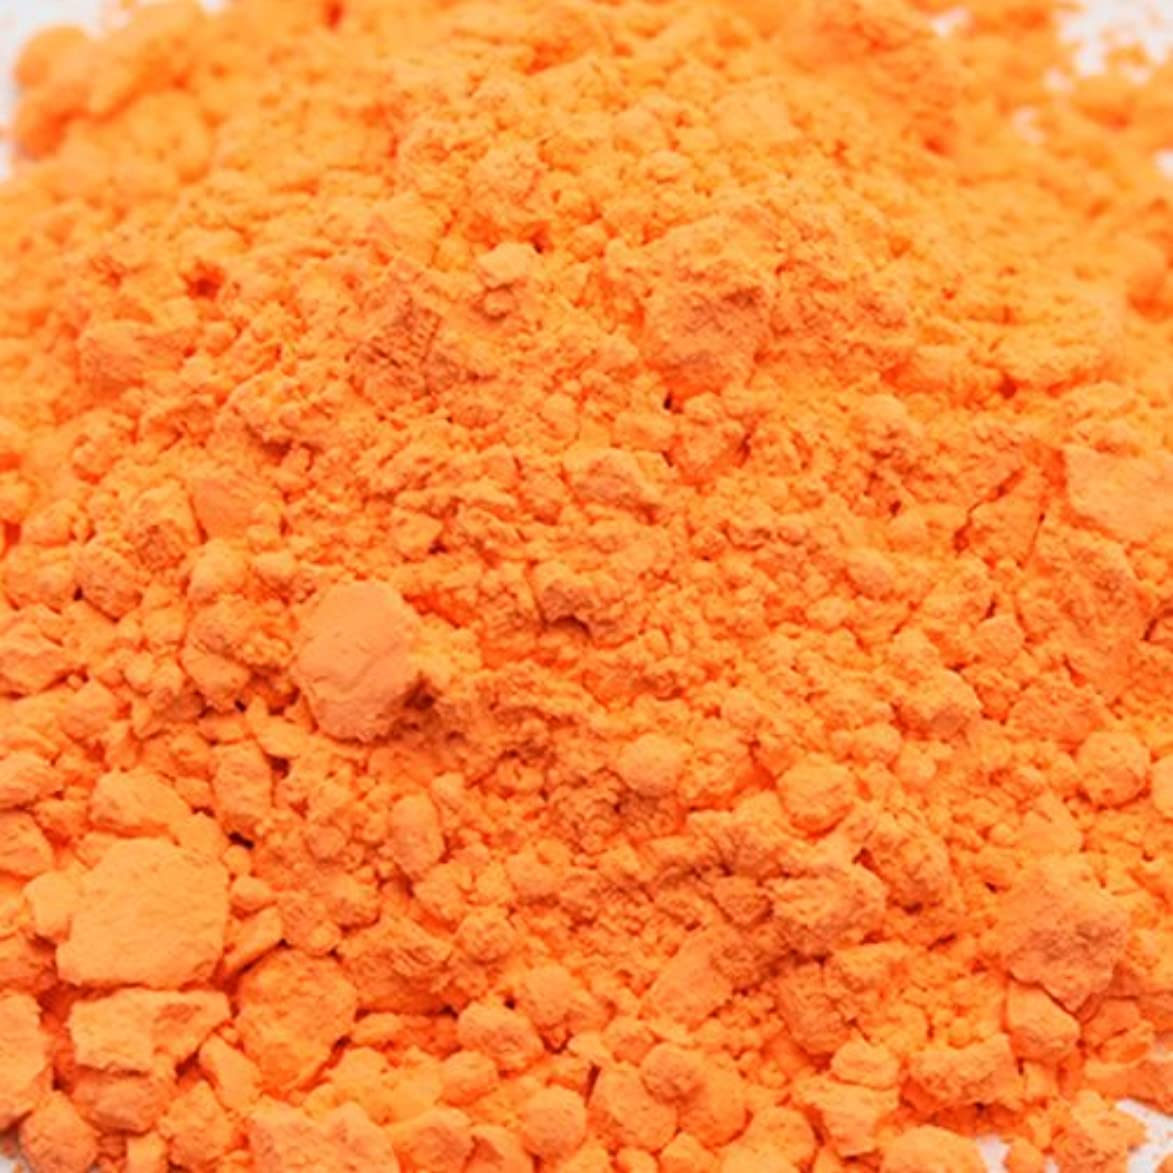 ベンチャーマーキング火星キャンディカラー オレンジ 5g 【手作り石鹸/手作りコスメ/色付け/カラーラント/オレンジ】